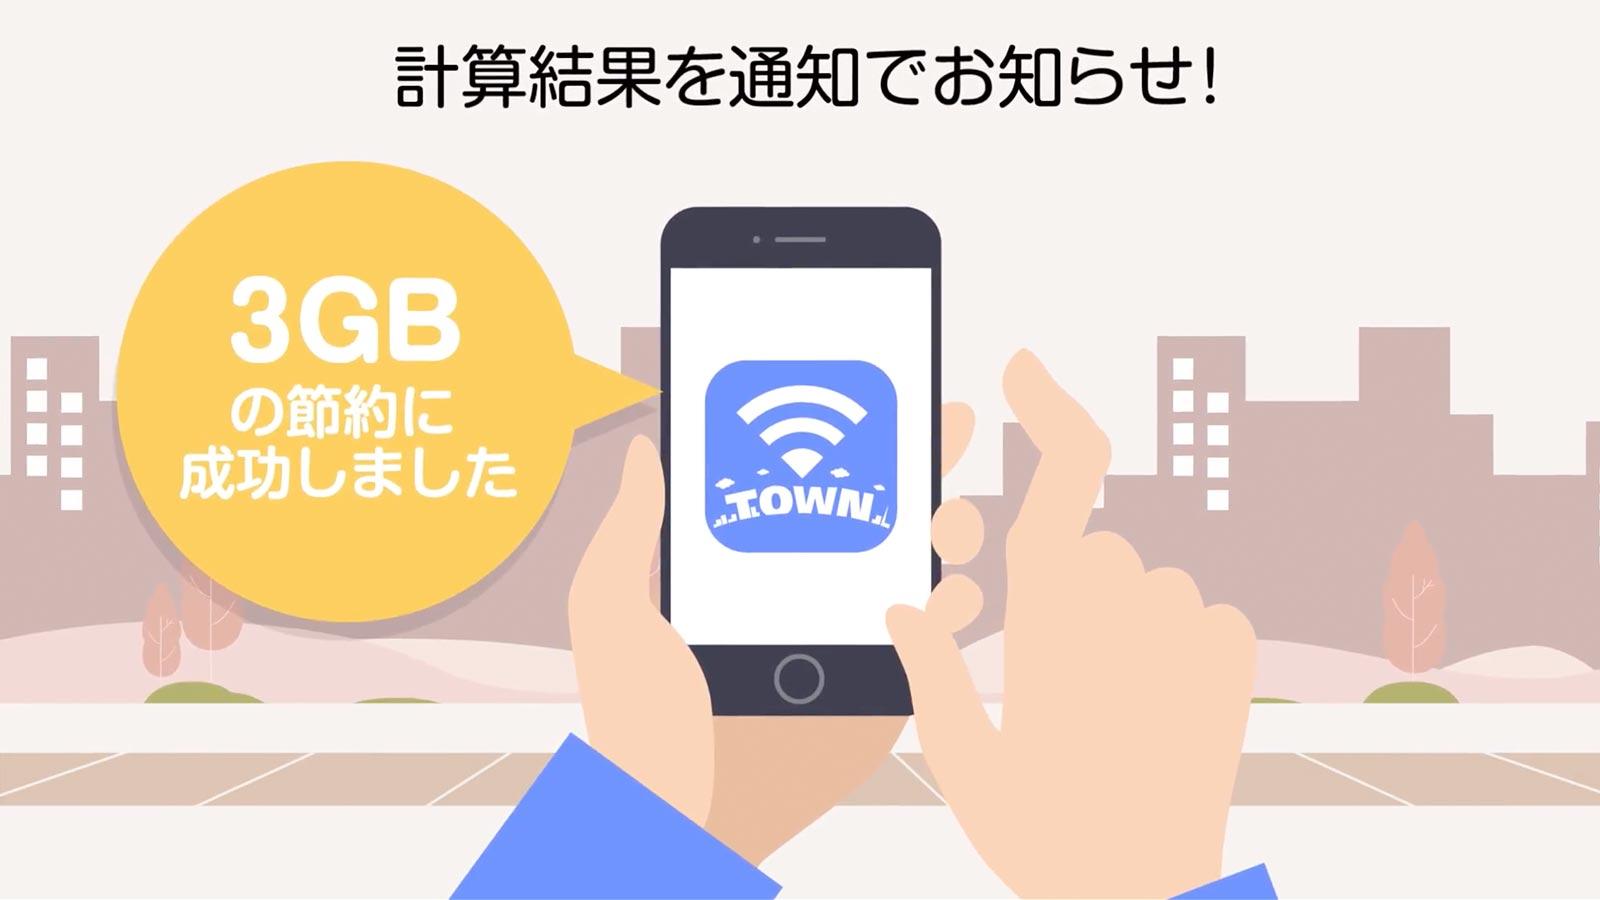 Wi-Fiの利用率を自動で計算